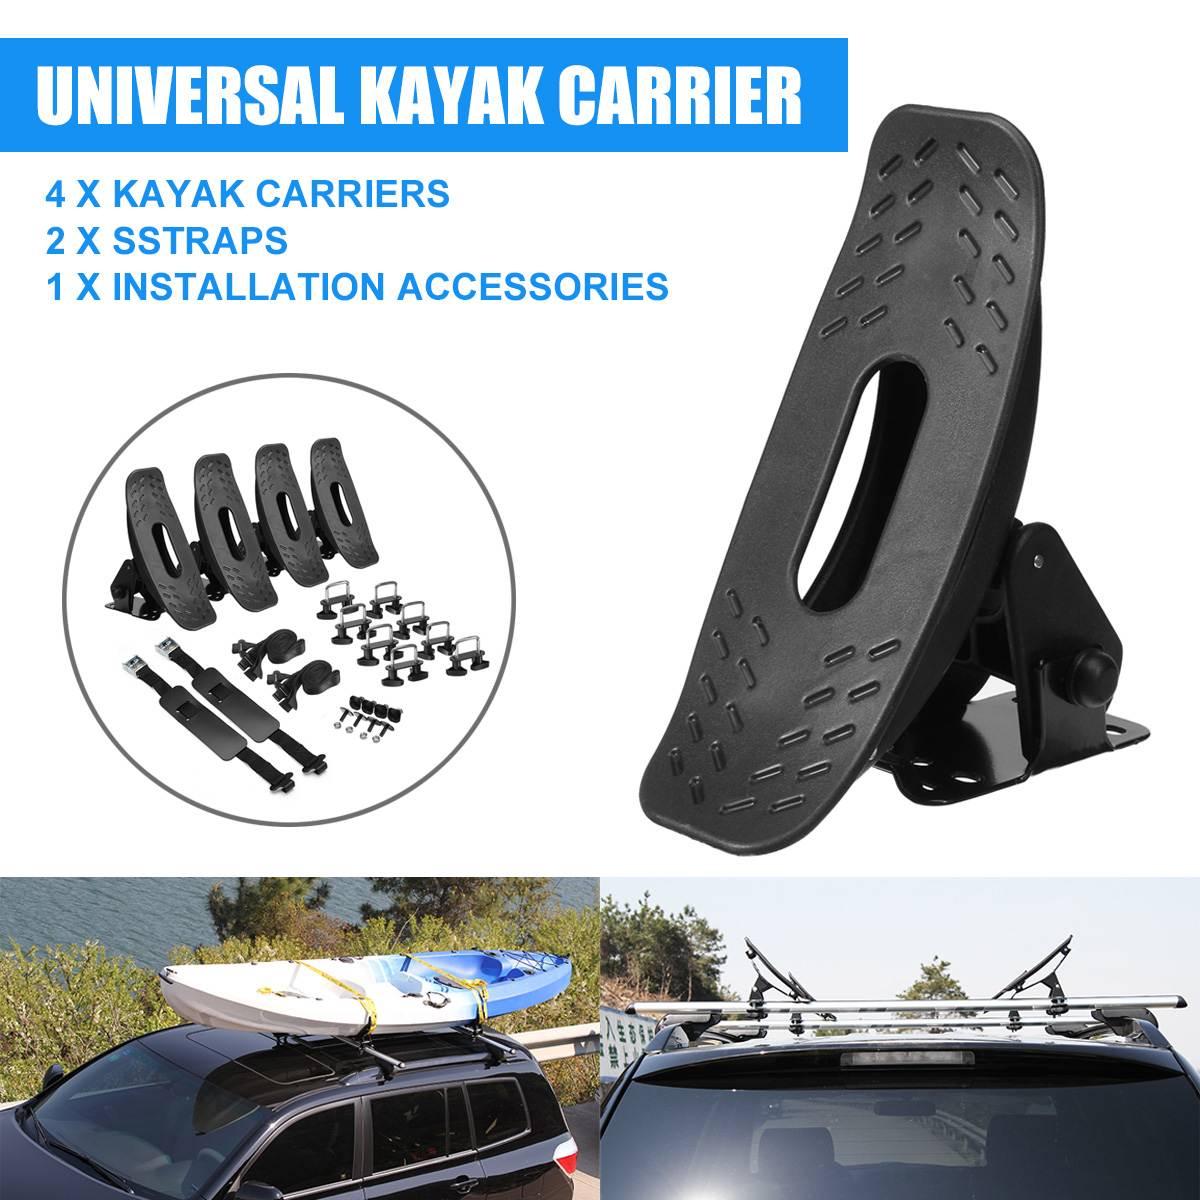 Kayak canoë planche de surf Support Support berceau détachable Kayak Support étagères Kayak accessoires toit porte-bagages bras canoë voiture chargeur